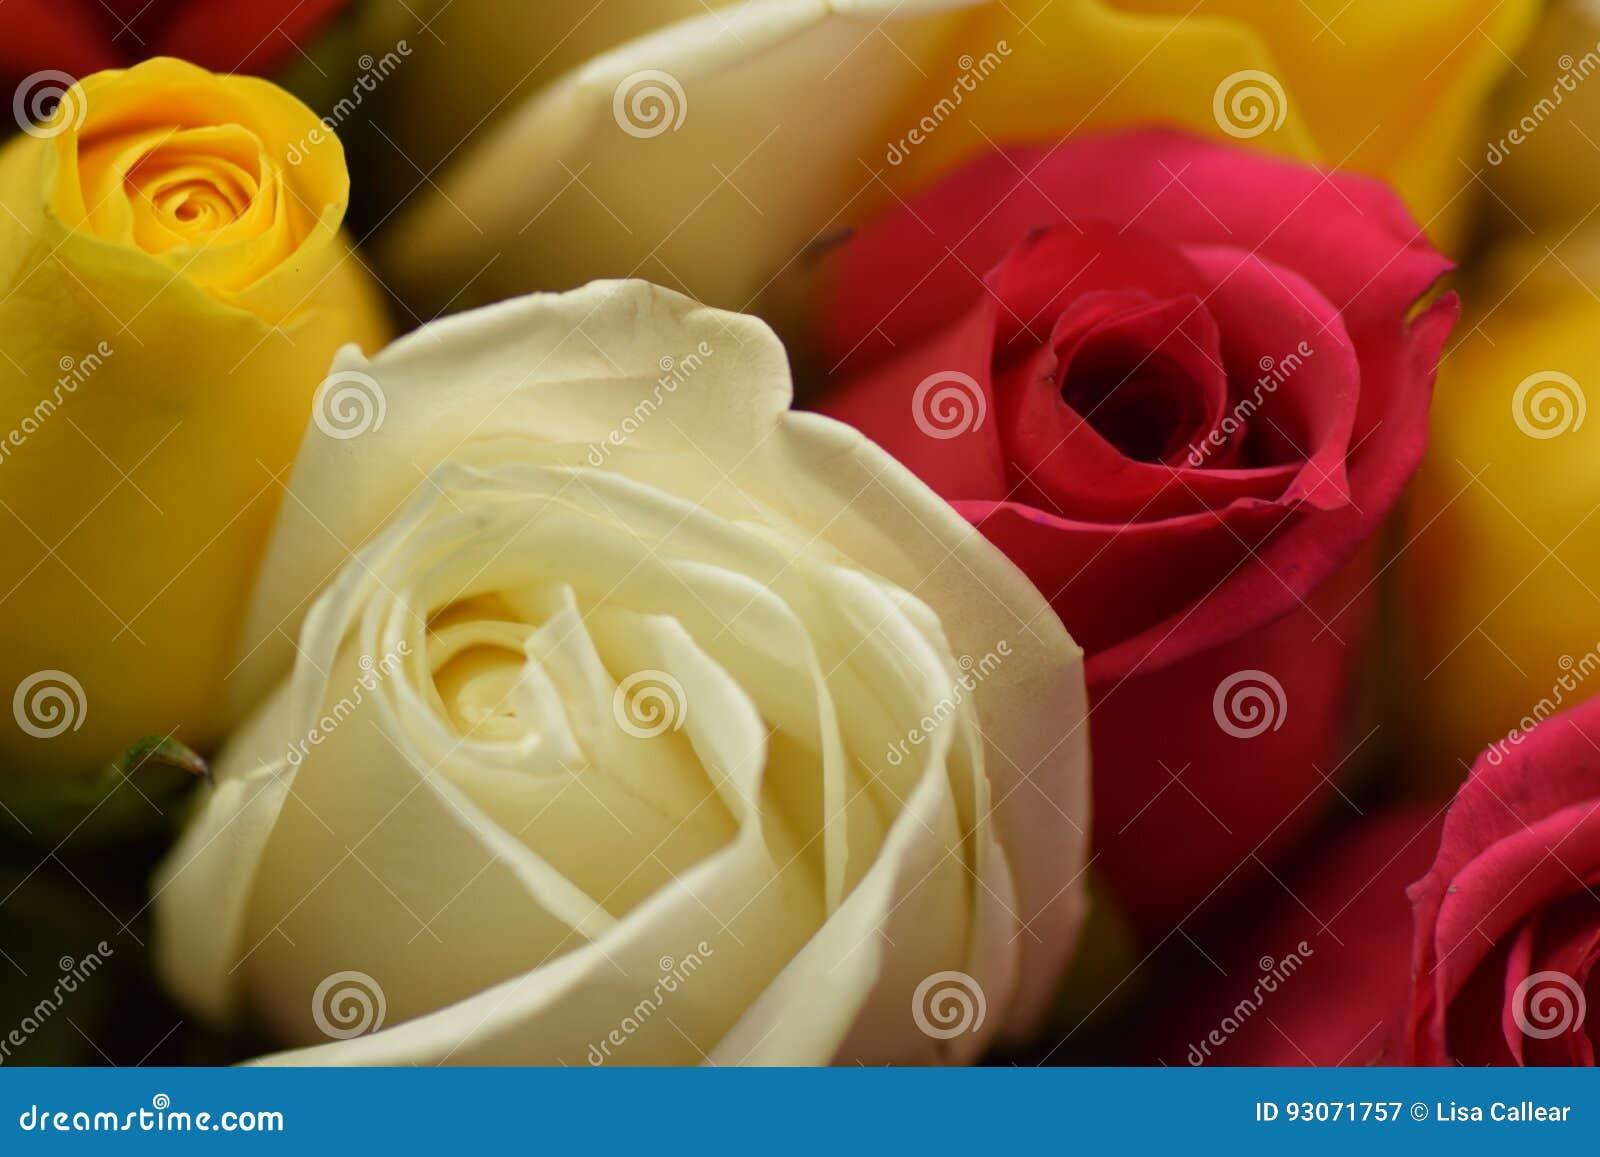 Rosa Amarelavermelhabranca Imagem De Stock Imagem De Flores